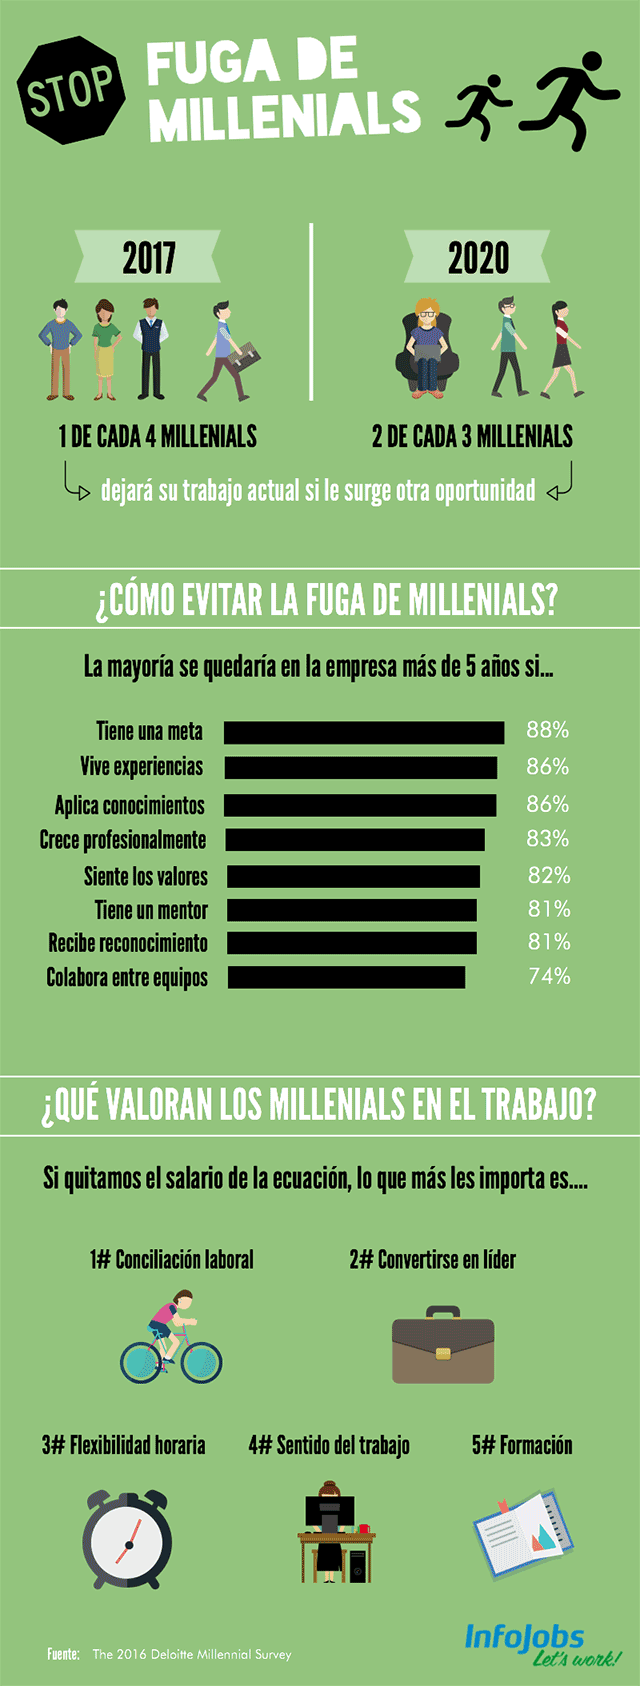 como-evitar-fuga-millenials-infografia